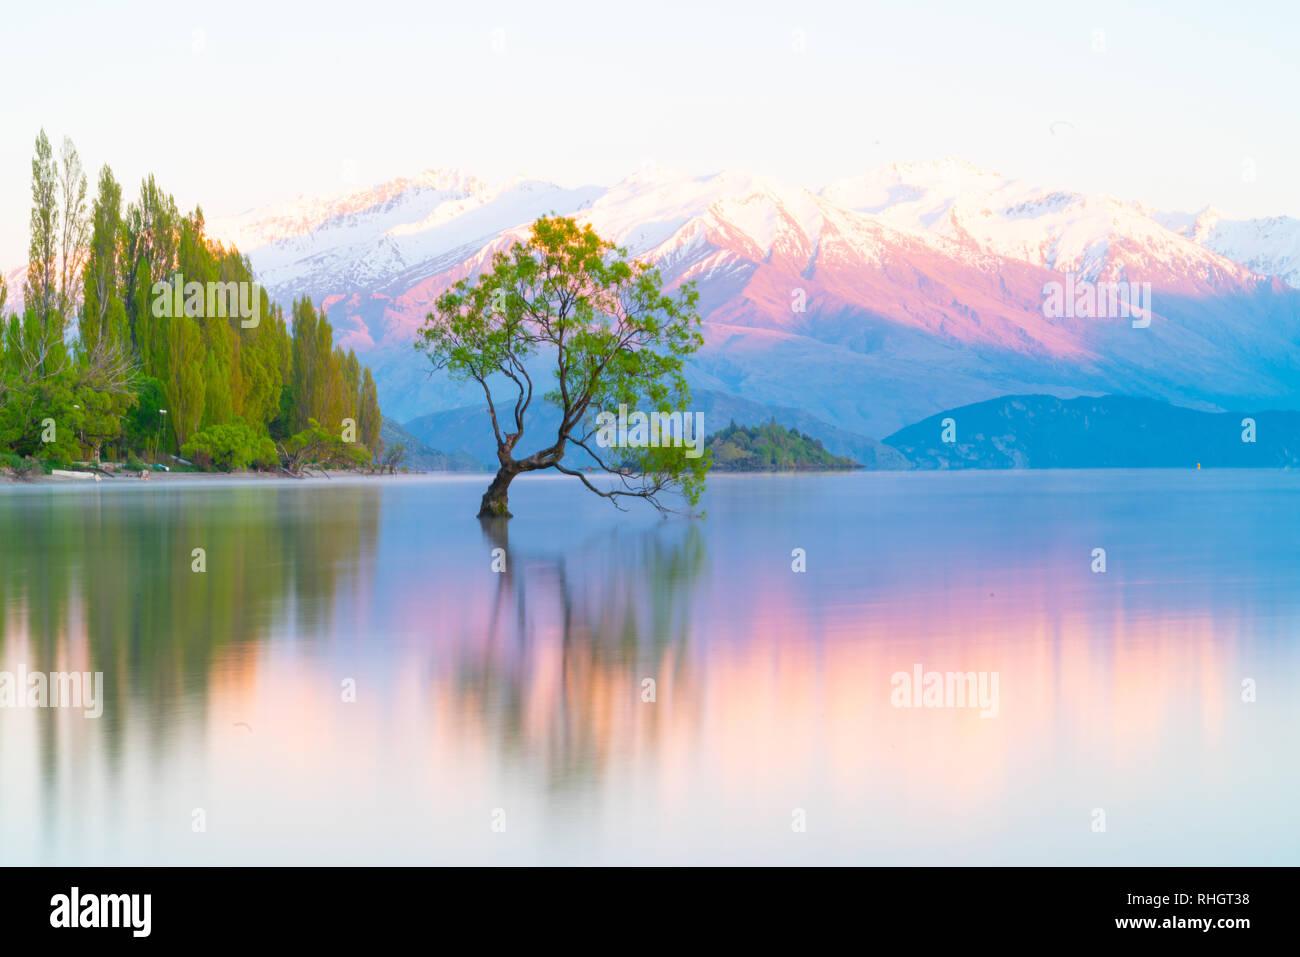 Che arriva a Wanaka Tree, Willow tree crescono in lago è meta turistica molto in scena a lunga esposizione con i colori del tramonto riflesso da montagne coperte di neve behin Foto Stock